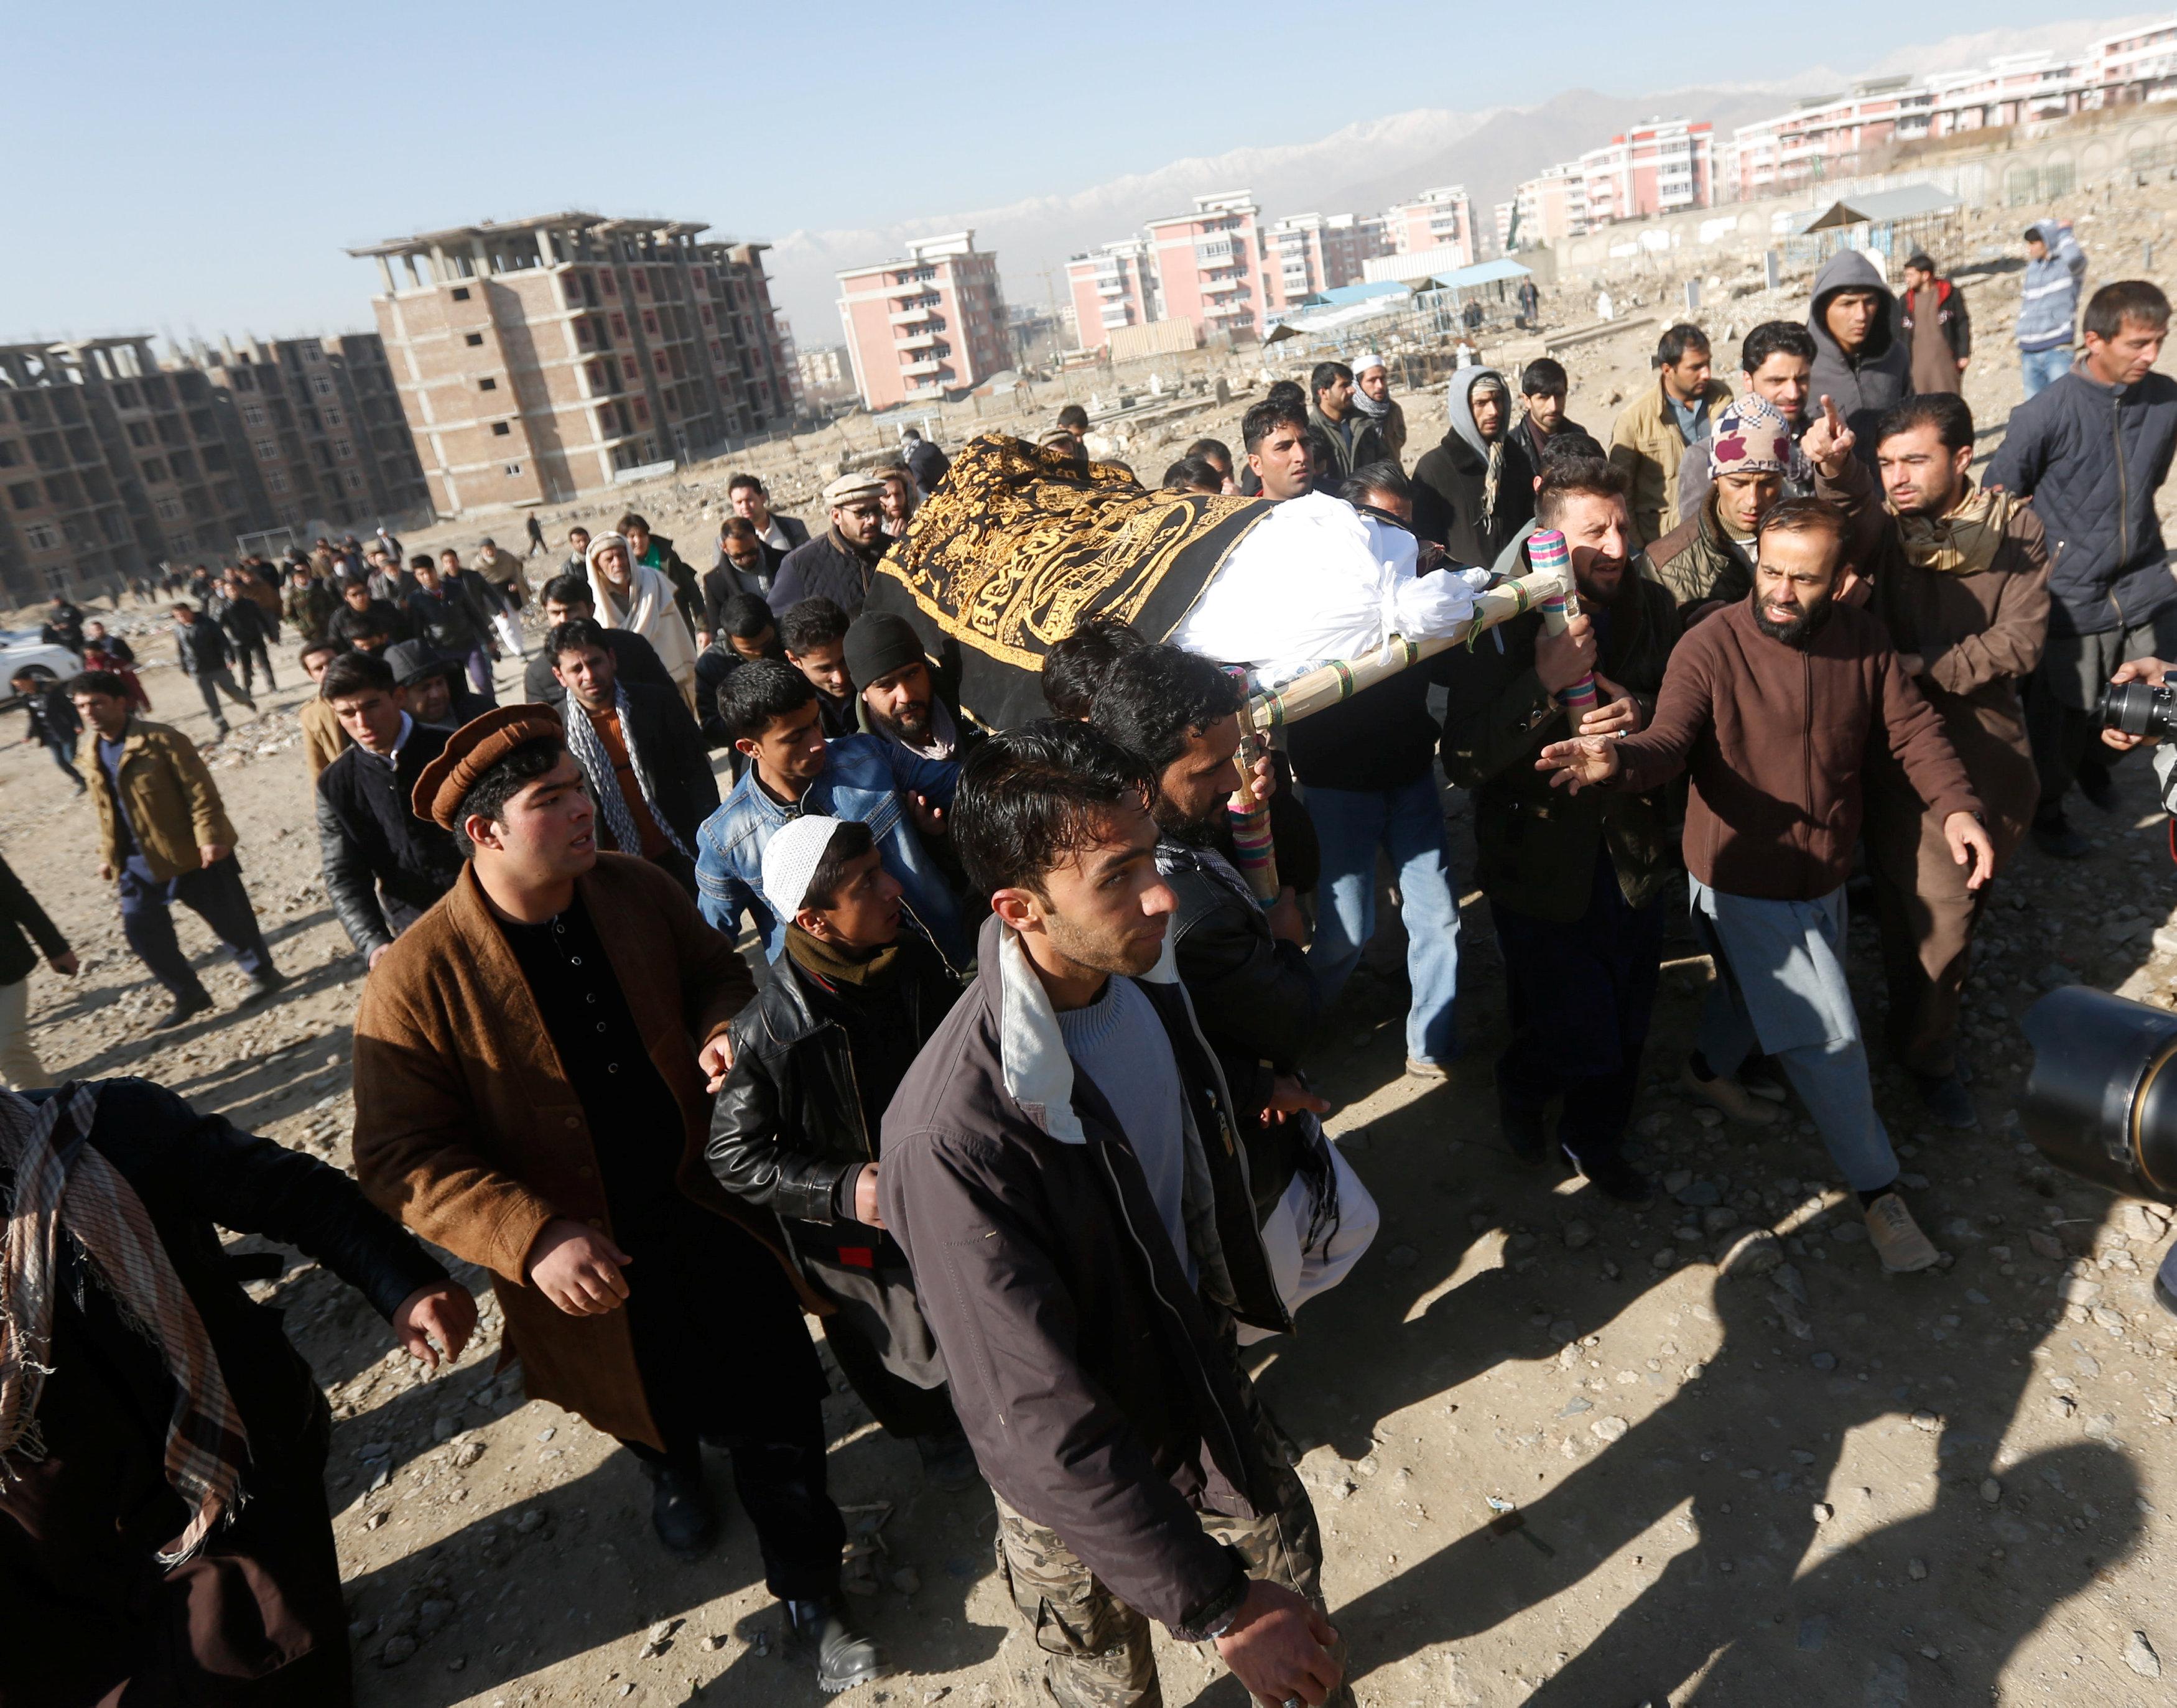 تشييع أحد ضحايا الهجوم الإرهابى فى أفغانستان والذى أسفر عن مقتل 50 شخص وإصابة أكثر من 70 أخرين